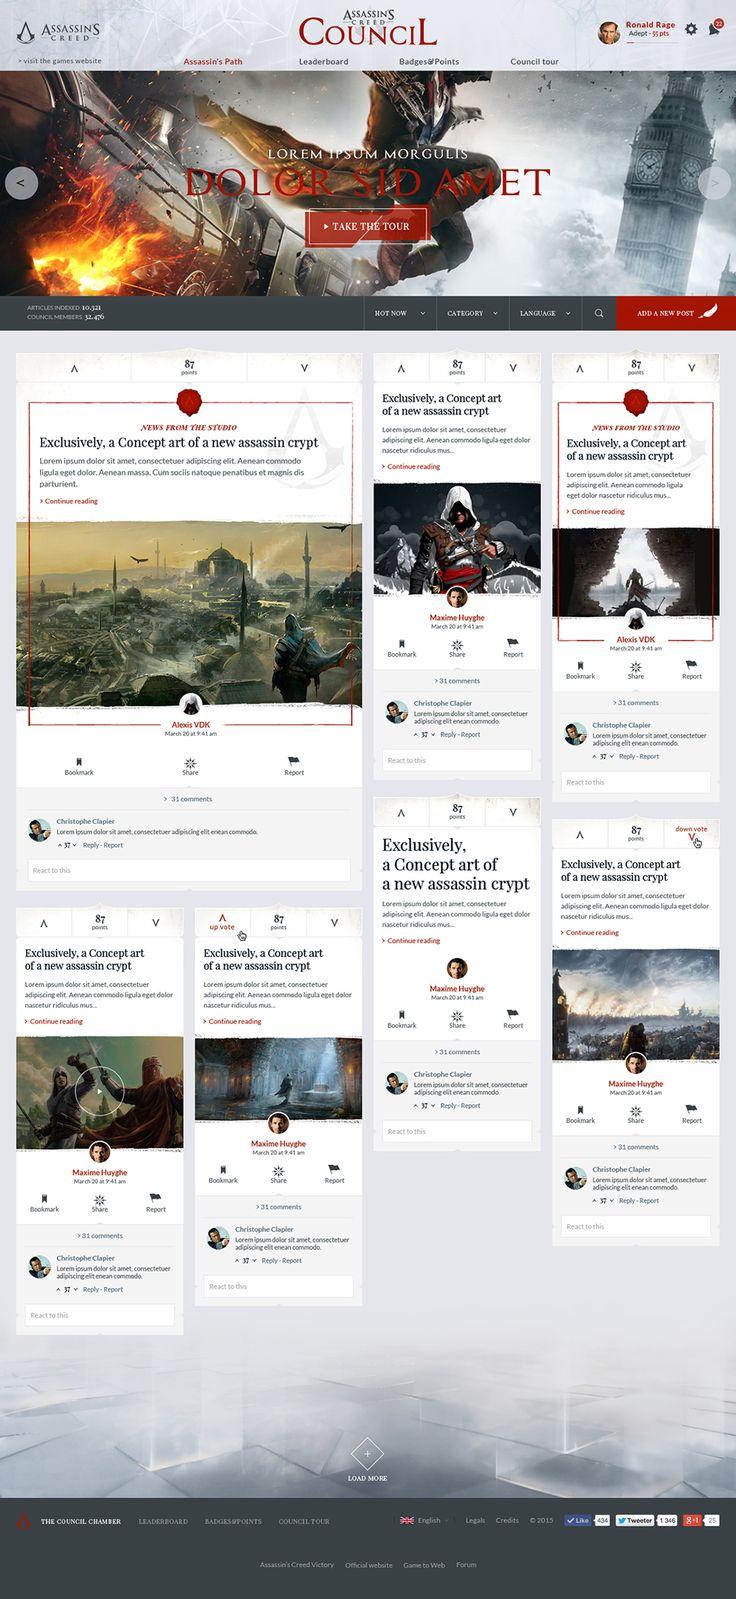 Assassin's Creed Council on Behance #Ui #ux #design #webdesign #ubisoft #geek #forum